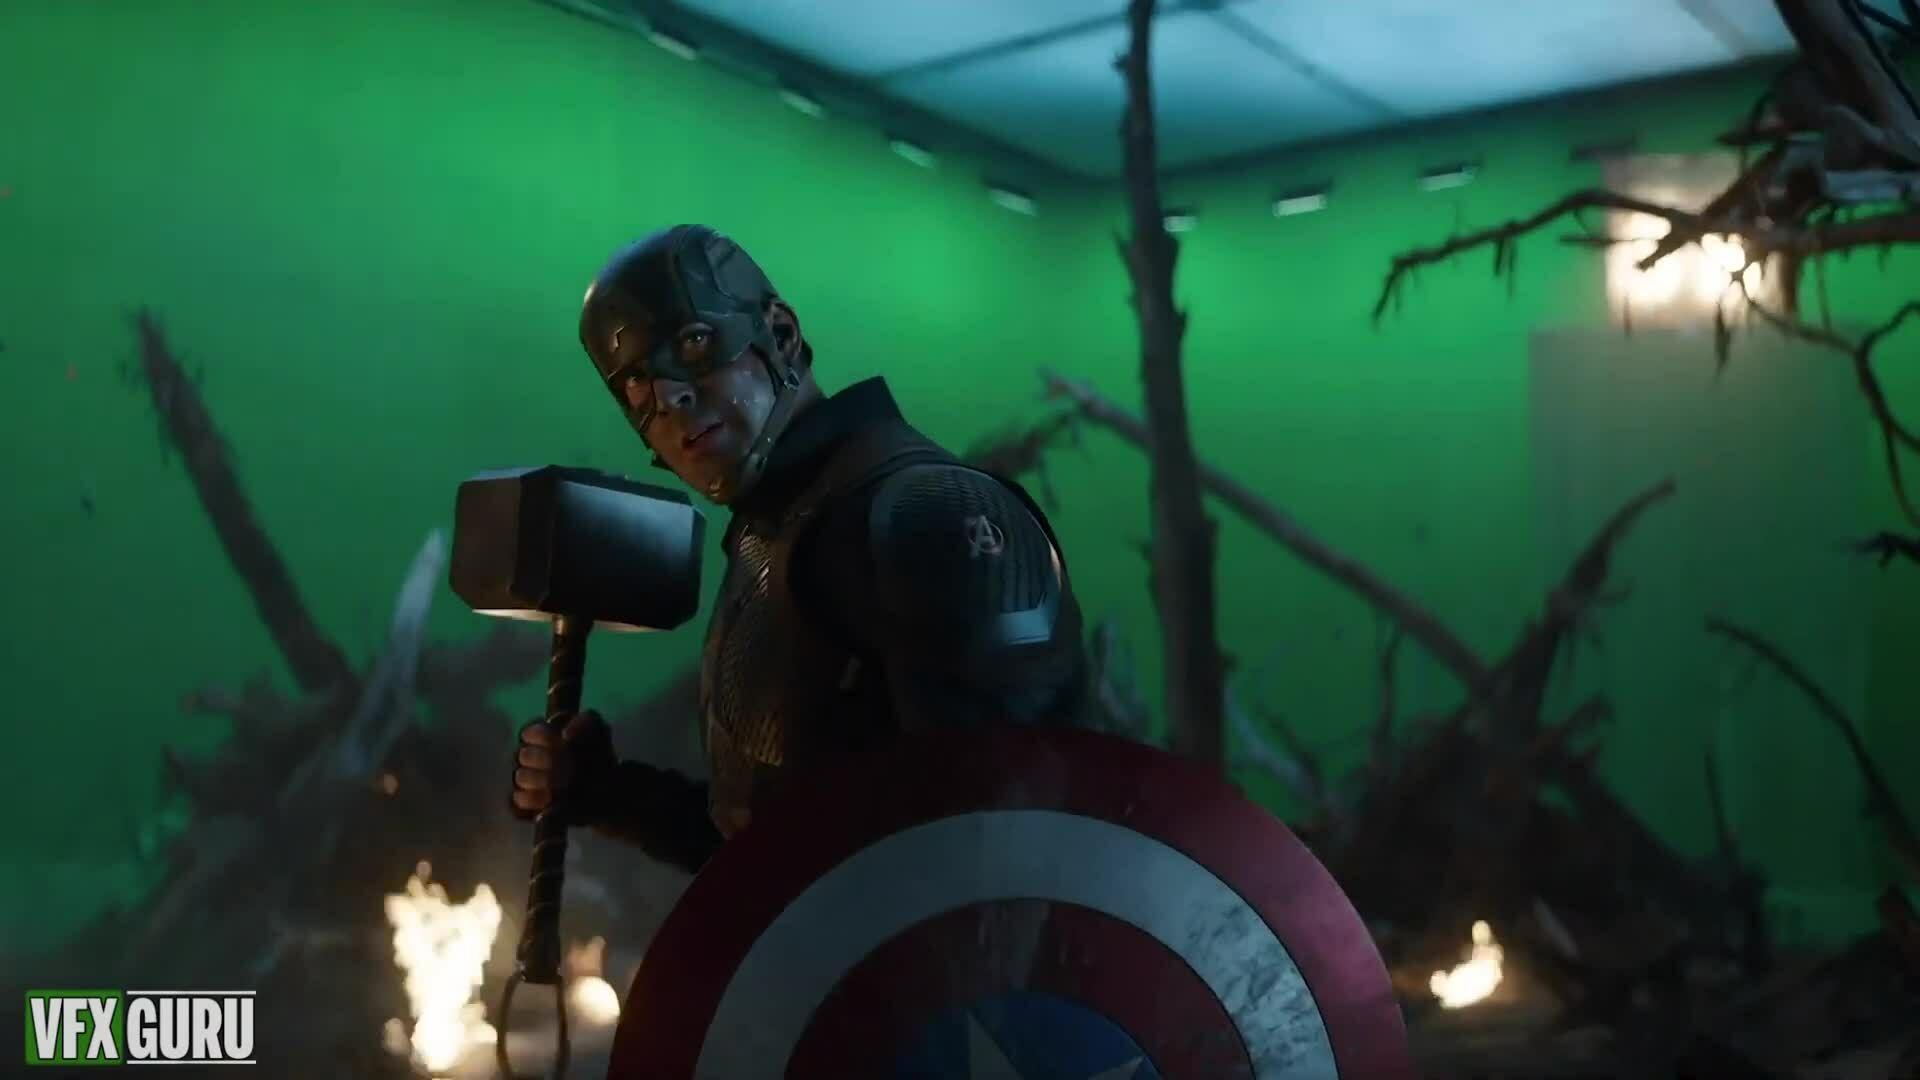 Kỹ xảo VFX trong Avengers: Endgame